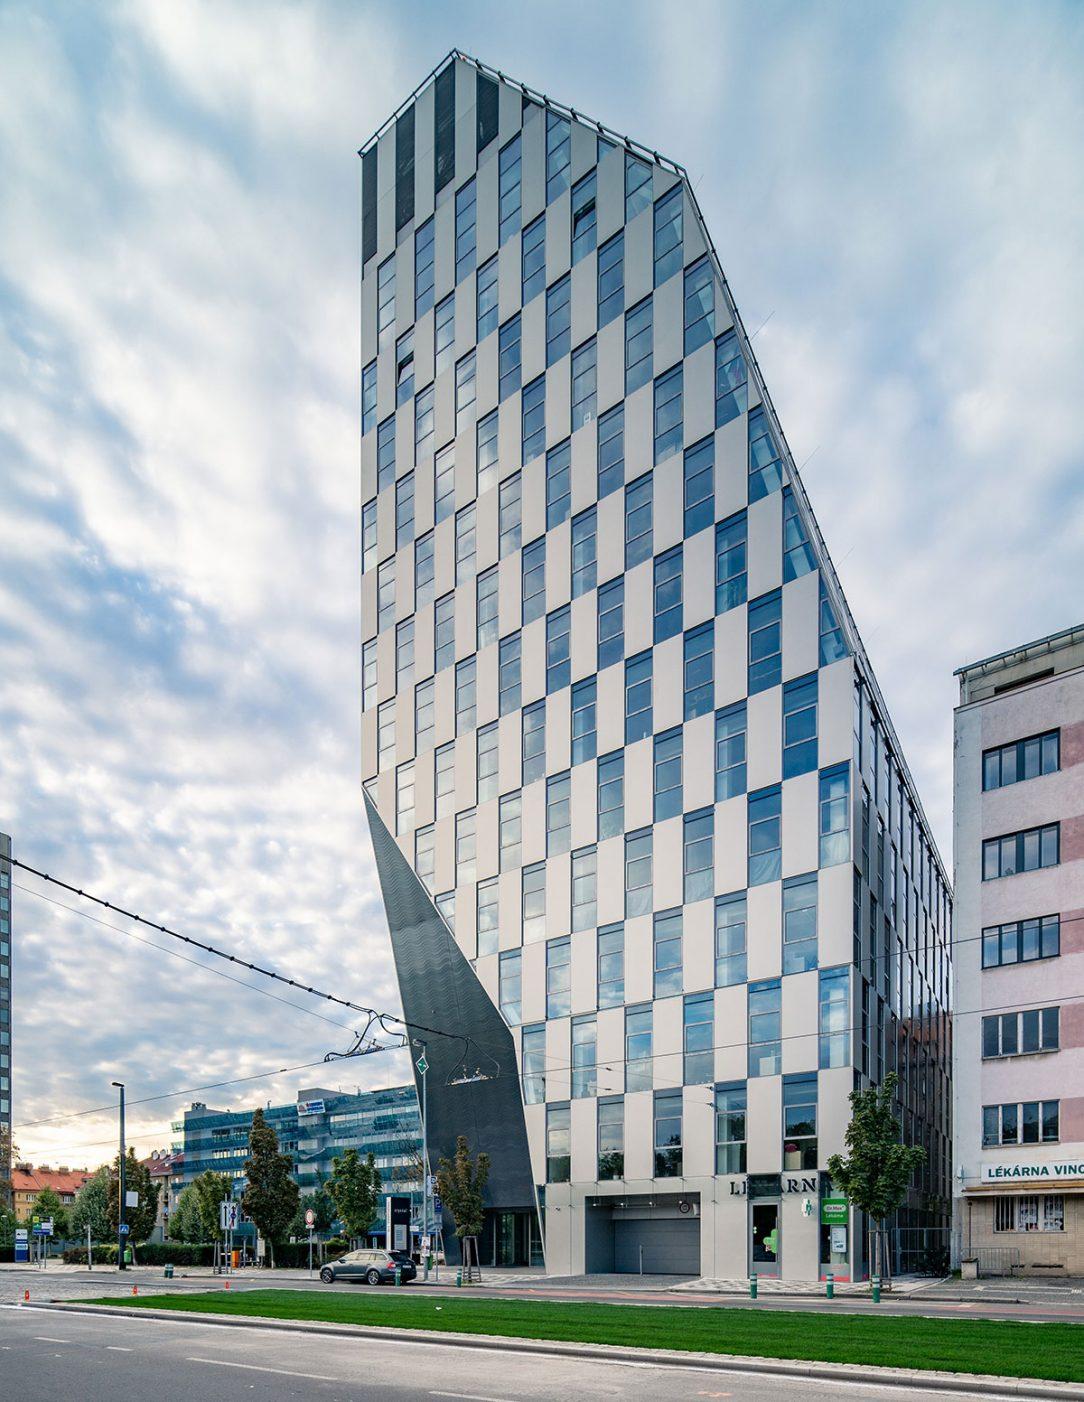 Fasáda budovy Crystal v Prahe je riešená tak aby podporila tému lesklého kryštálu.